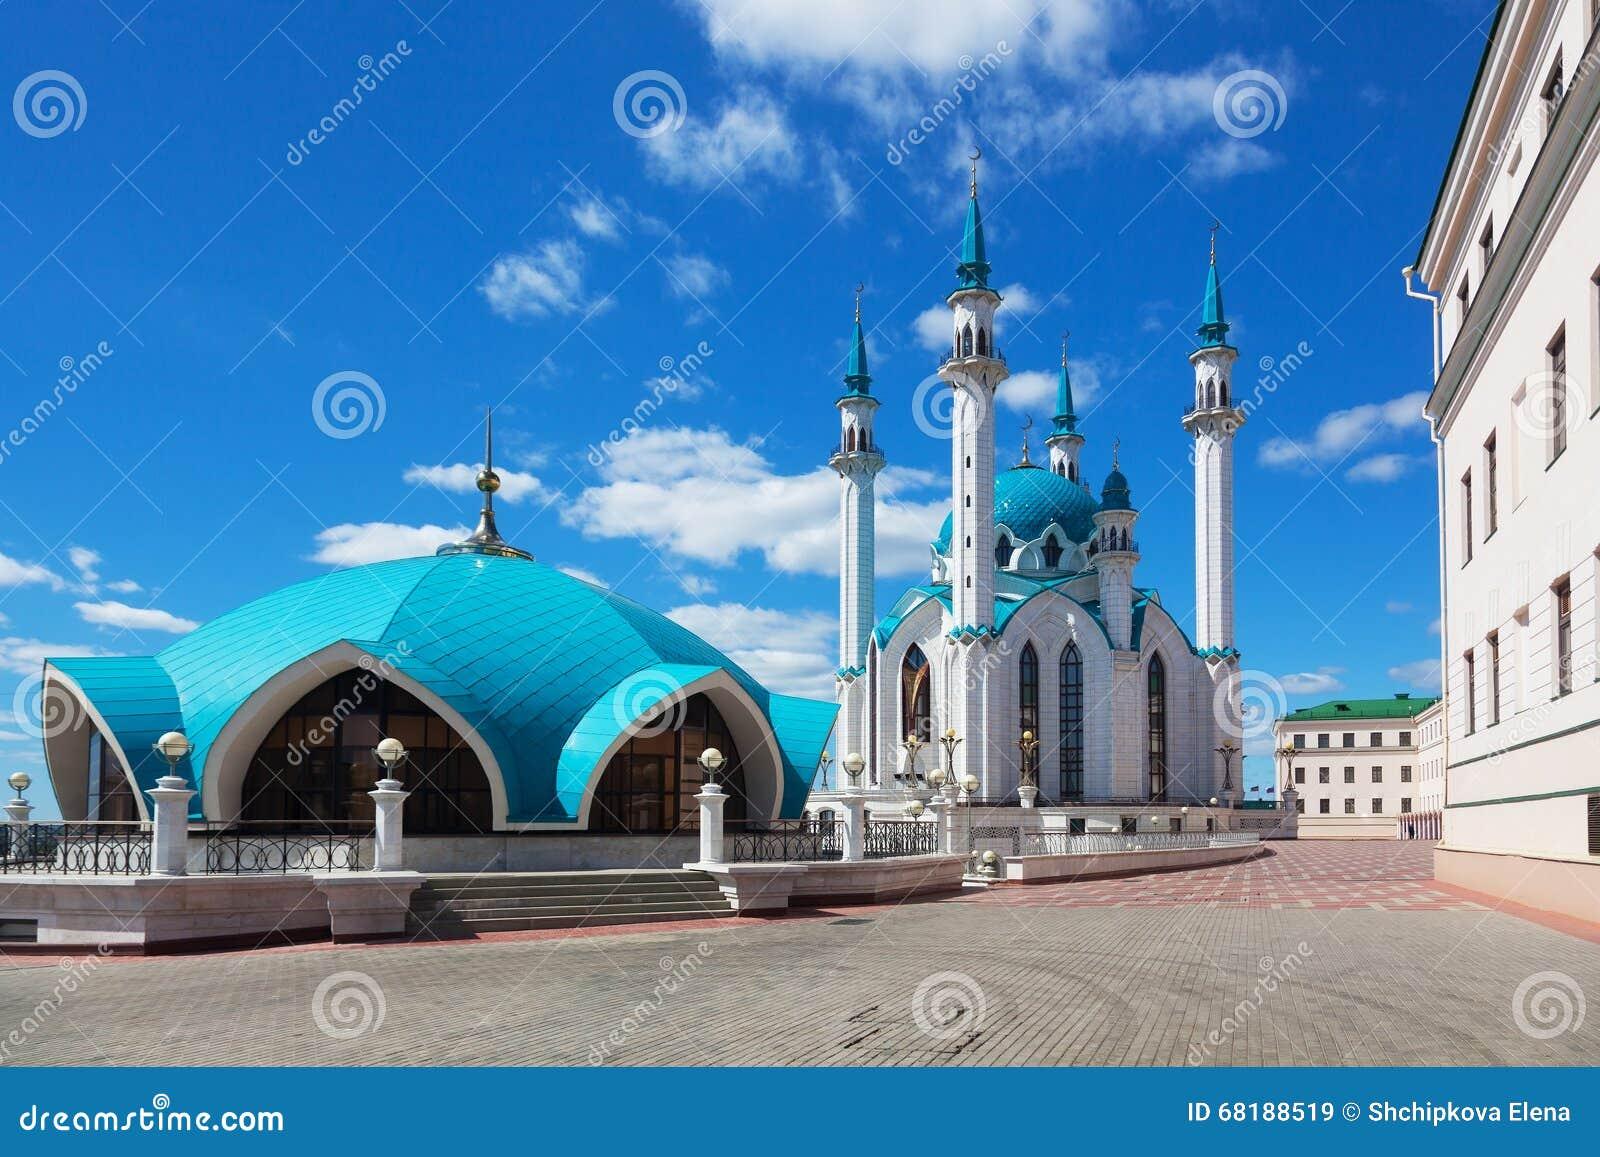 Download View of the Kul Sharif stock image. Image of kazan, kremlin - 68188519